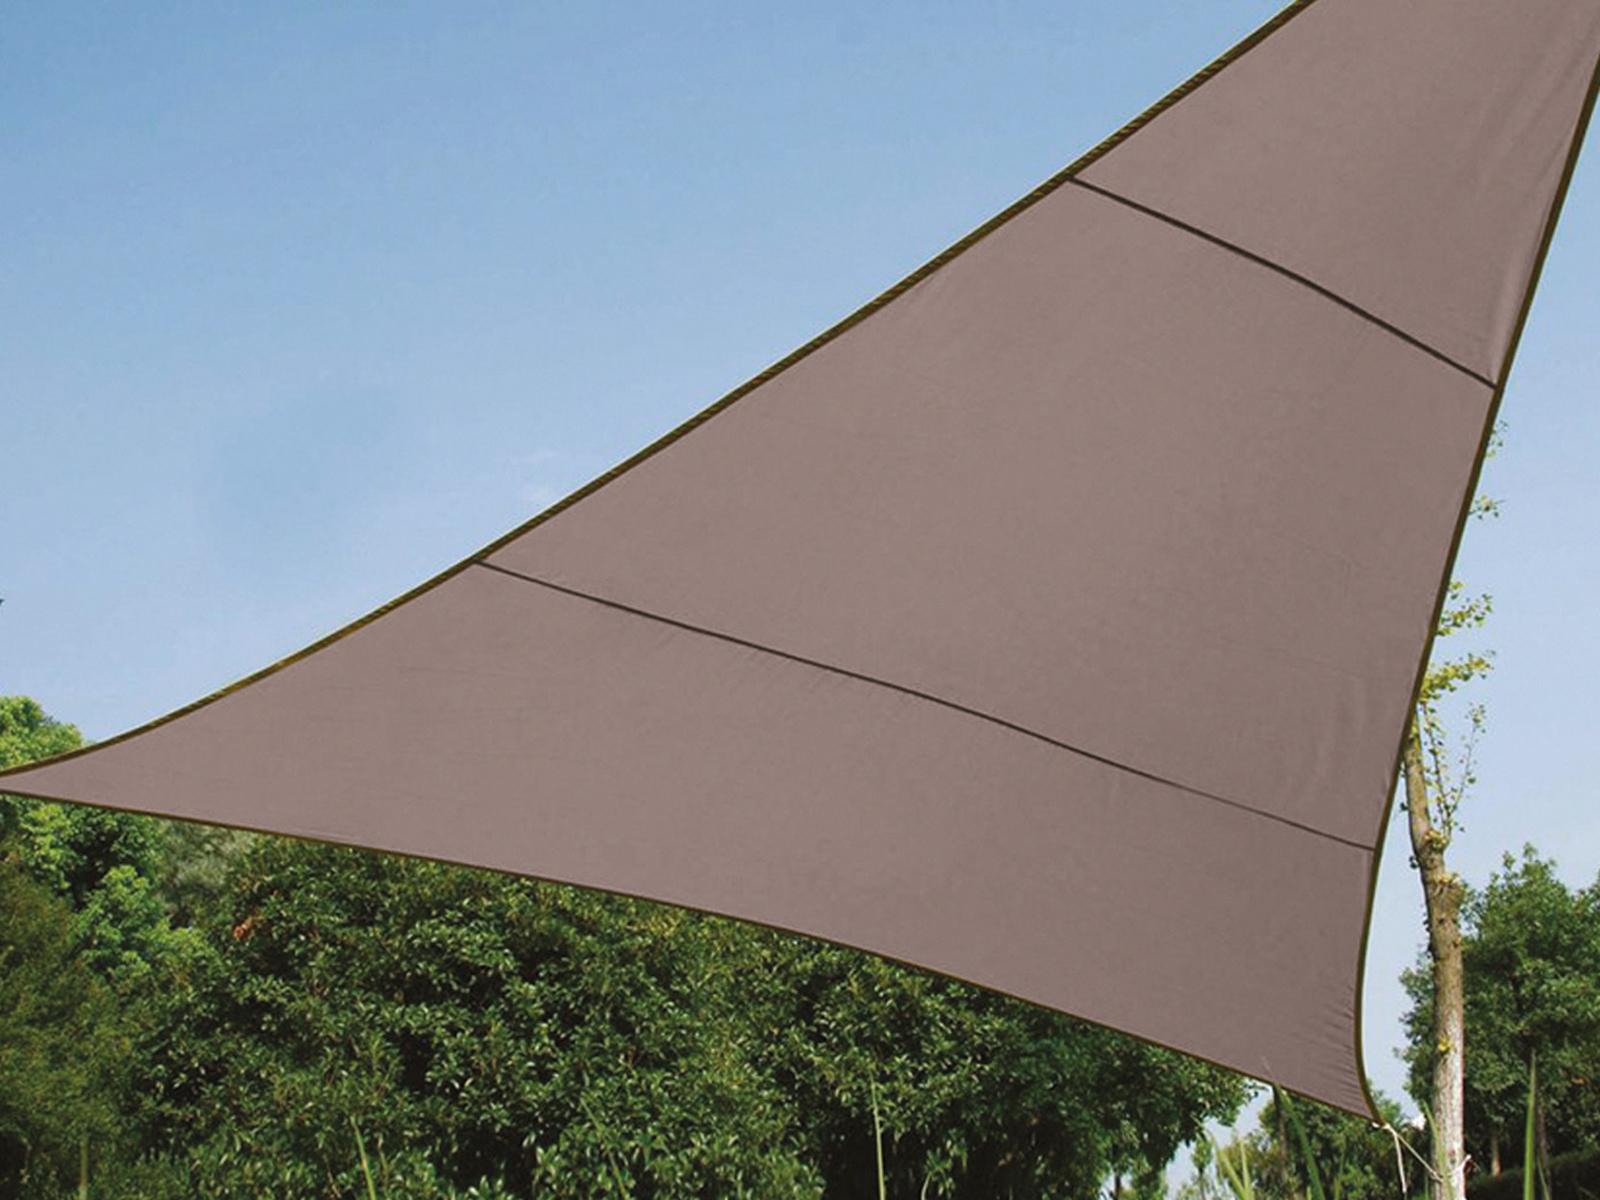 Sonnensegel Regenschutz PEREL, Braun Grau, 500 x 500 x 500 cm, Wasserabweisend | Zart  | Qualitativ Hochwertiges Produkt  | Qualitätsprodukte